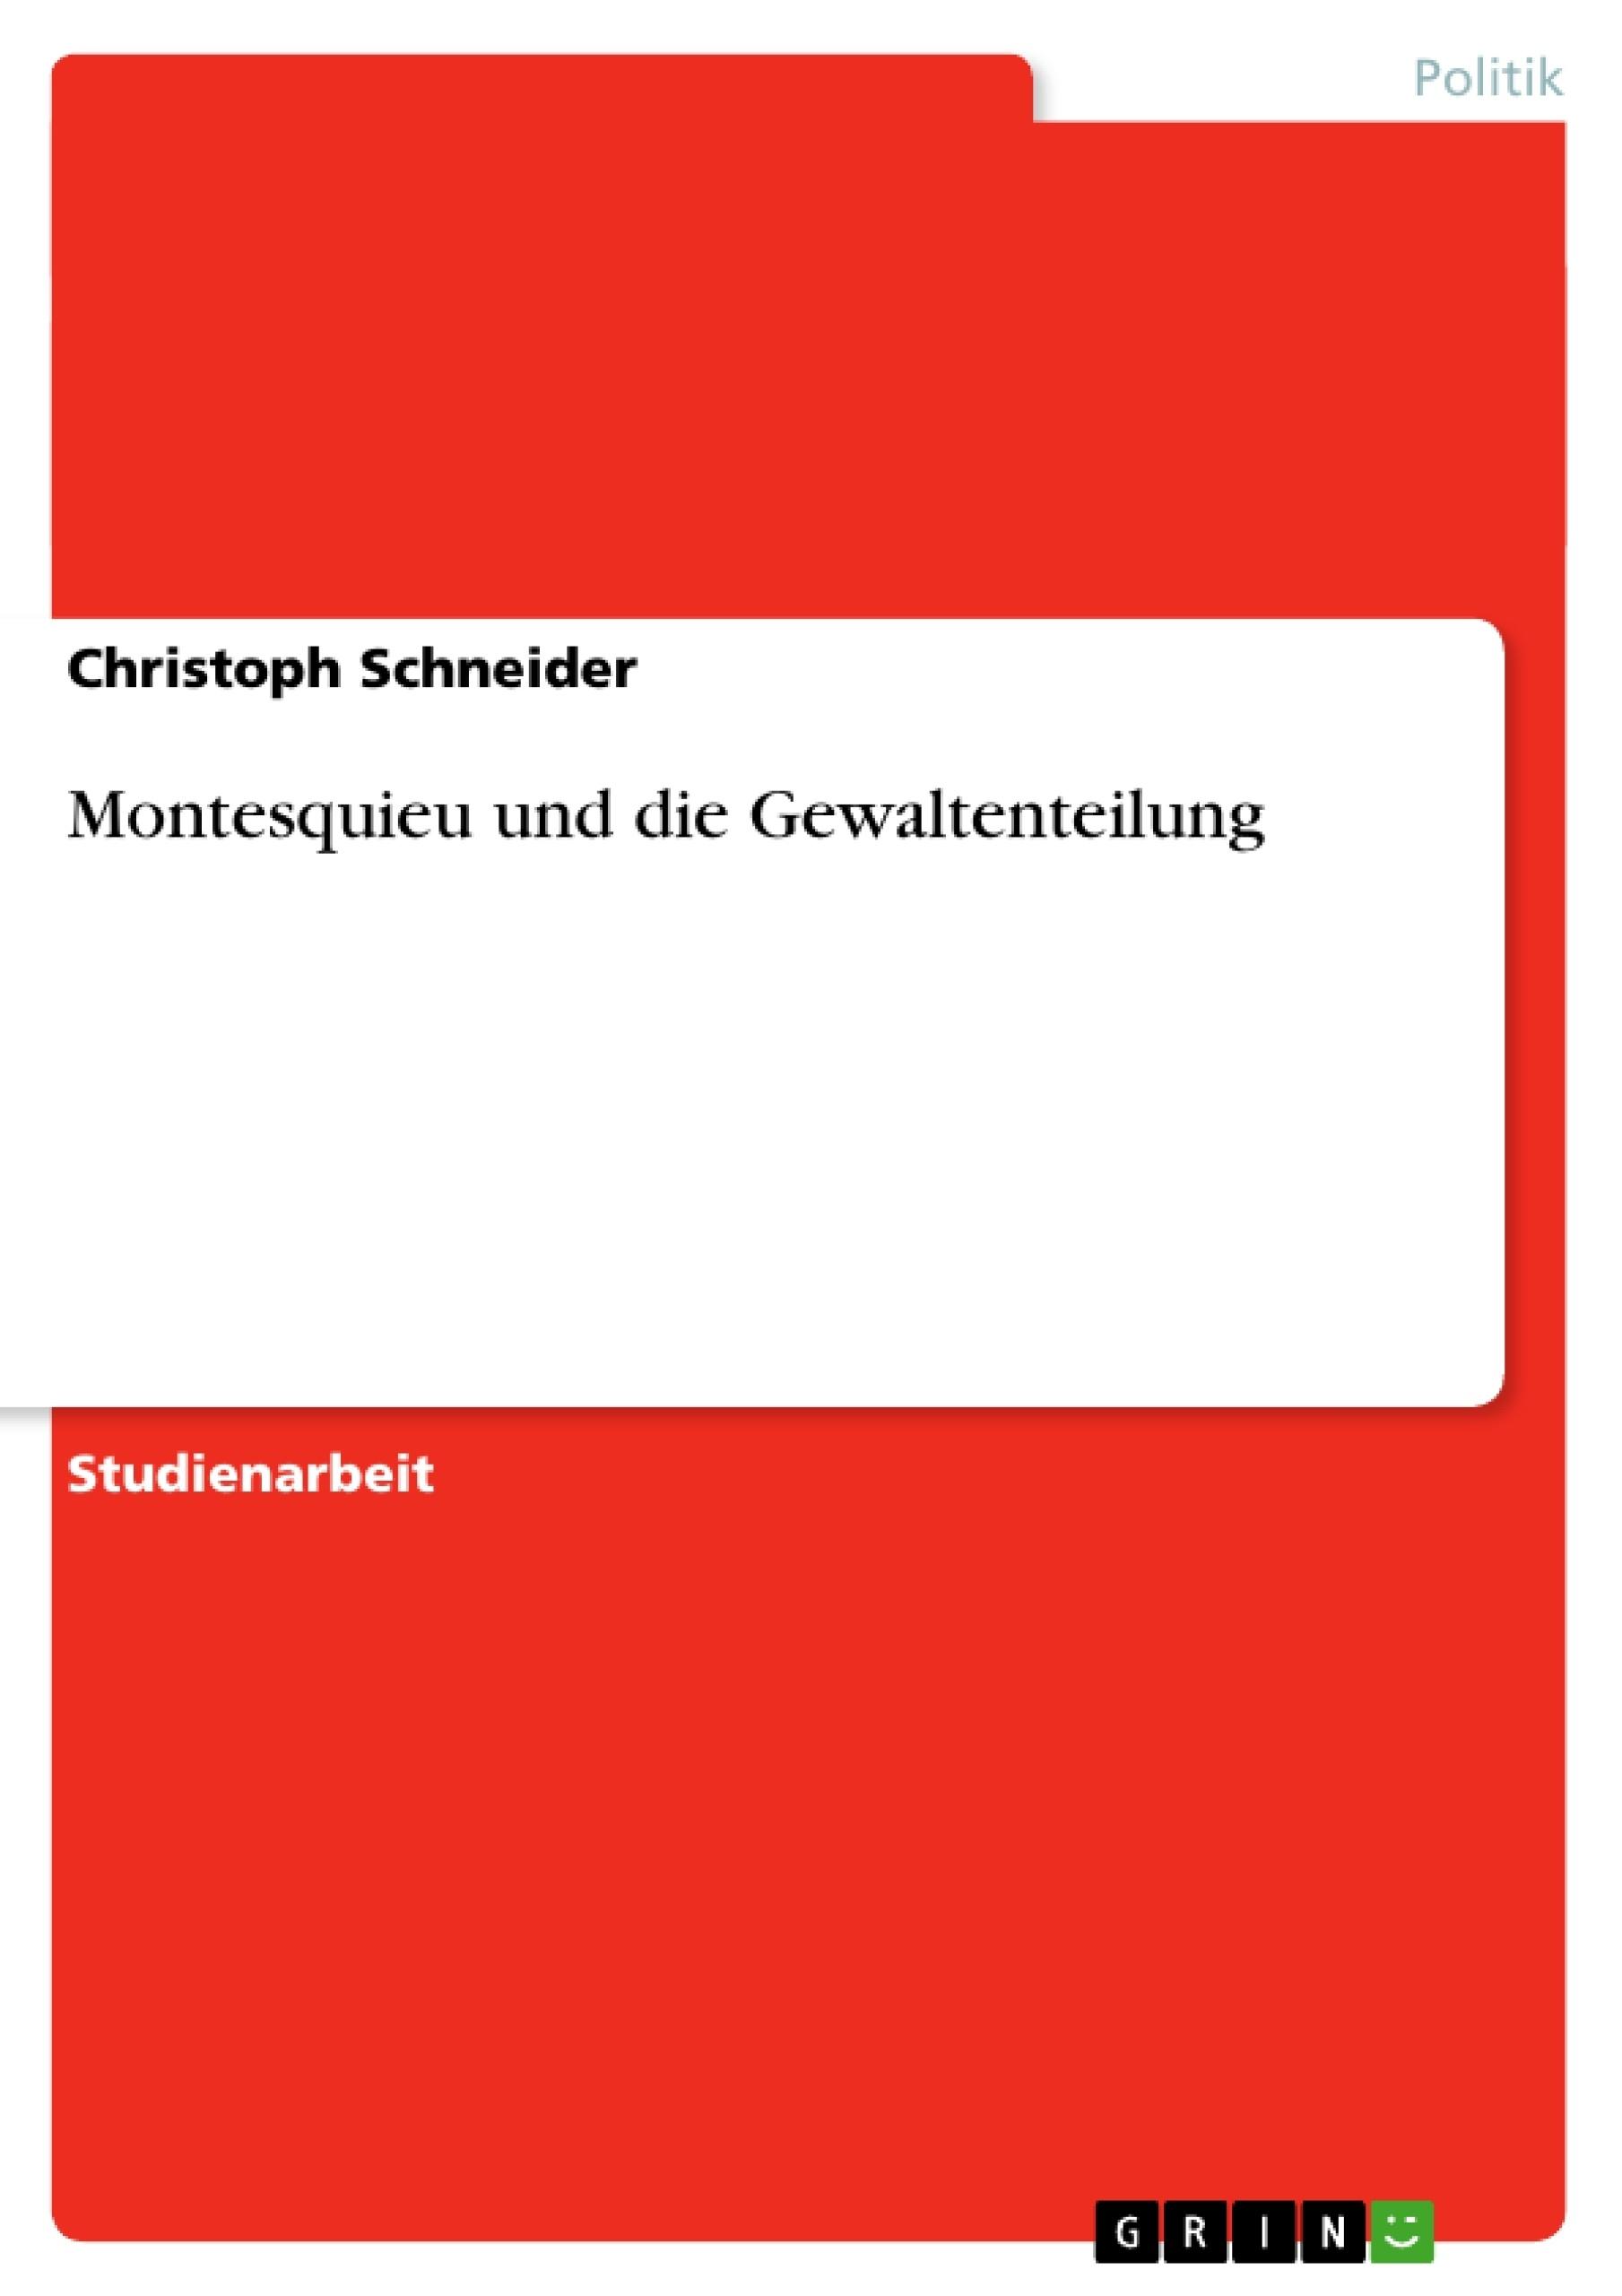 Titel: Montesquieu und die Gewaltenteilung